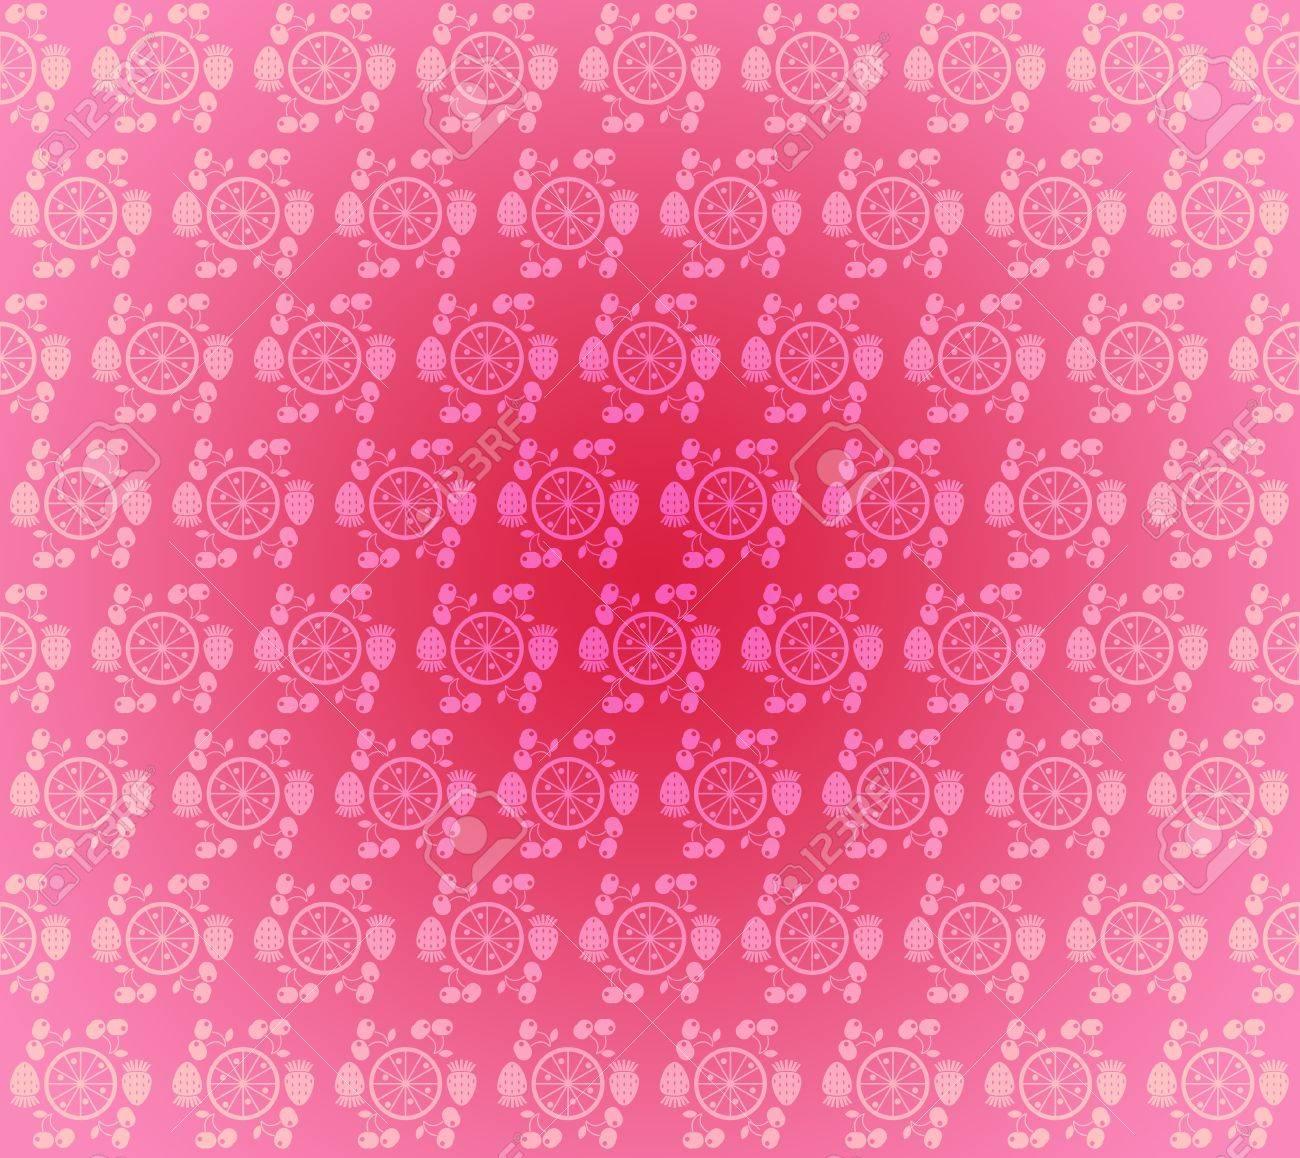 nahtlose muster tapeten hellrosa kleinen frchten und beeren standard bild 11972994 - Muster Tapeten